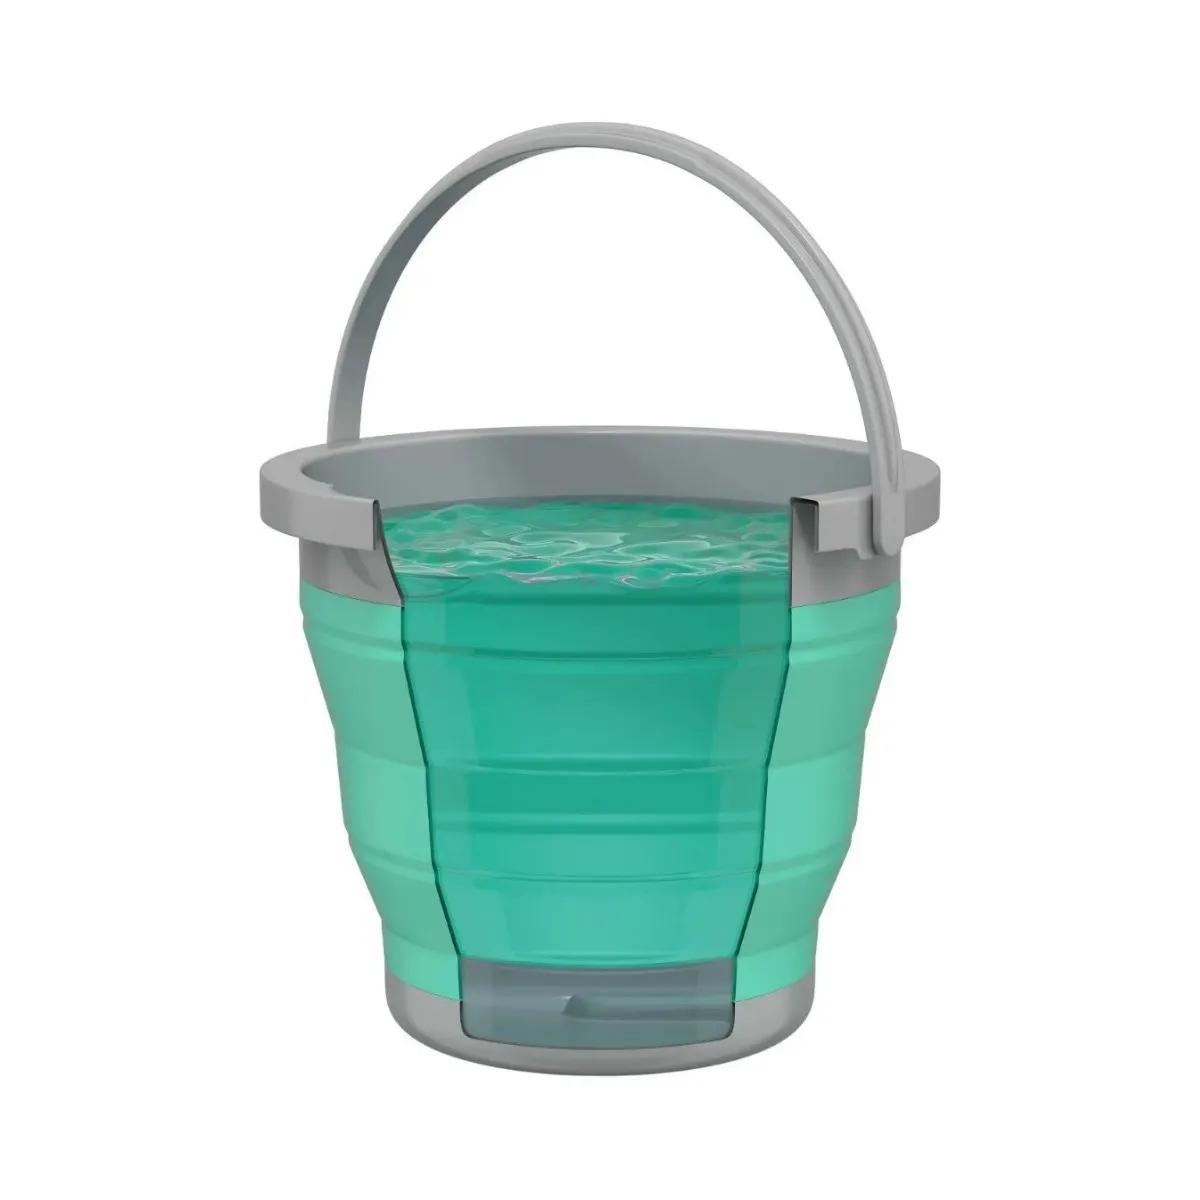 Balde Retrátil 5l Verde Água Lavanderia Flash Limp